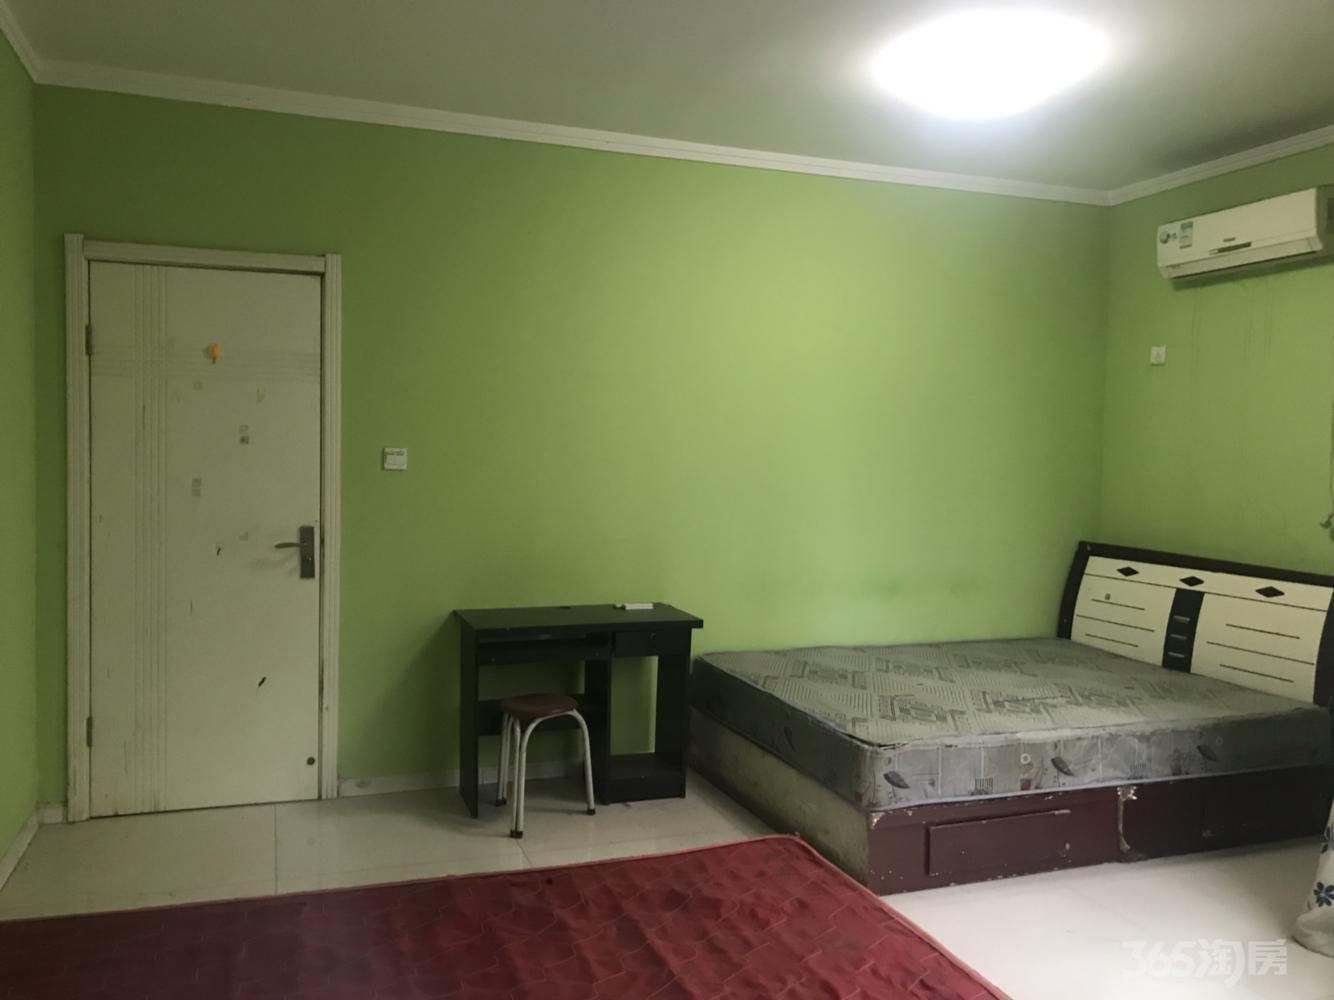 西荷花园小区3室1厅2卫20平米合租简装